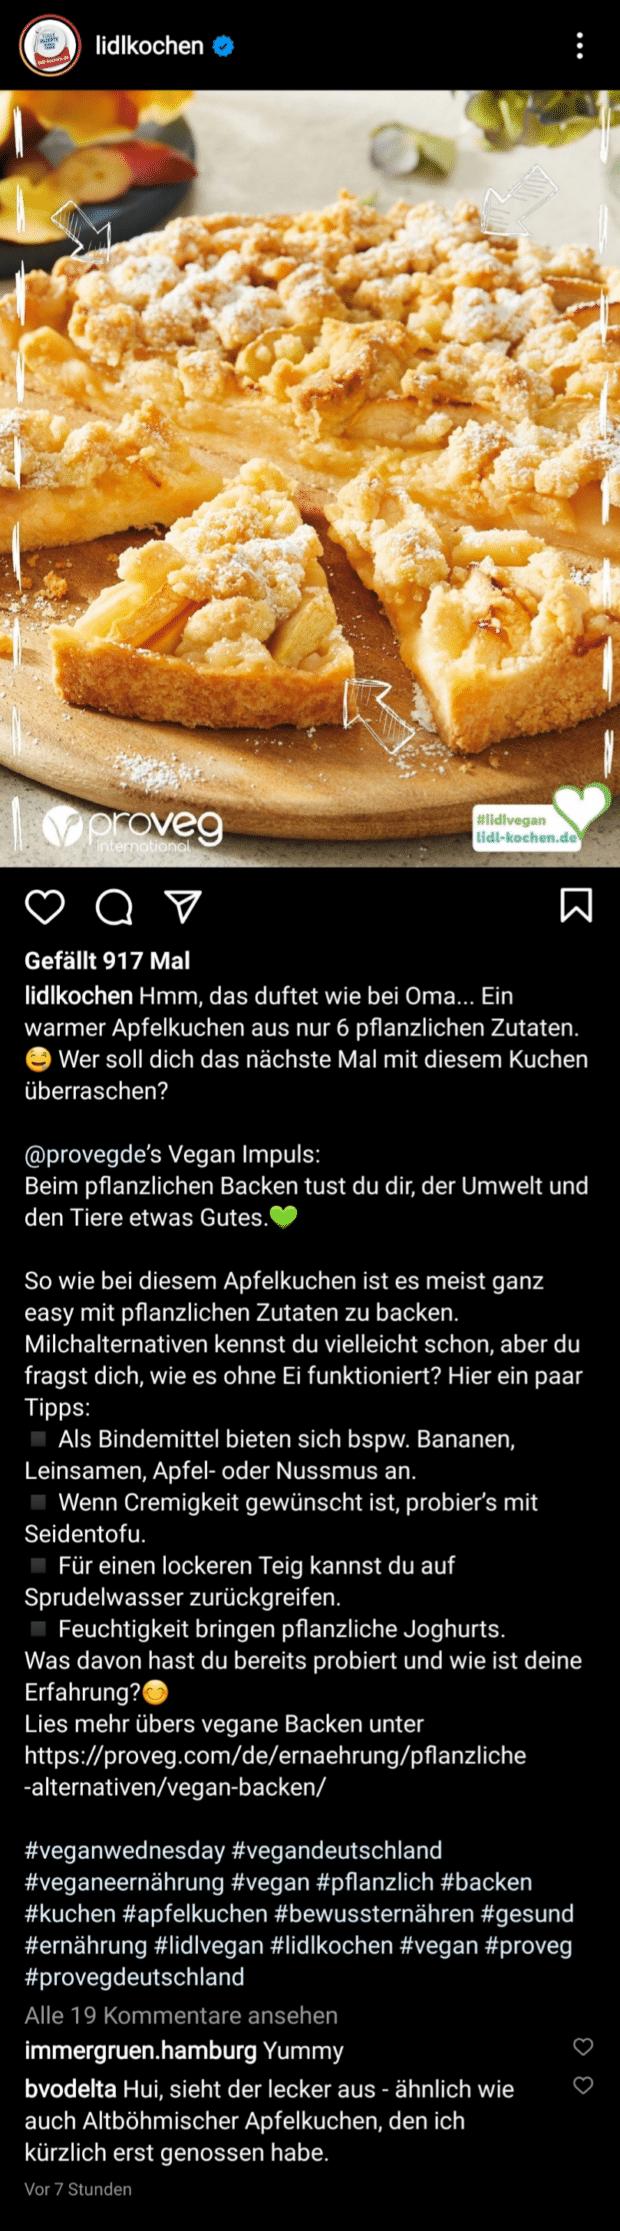 lidlkochen stellt im Zuge einer Infokampagne über veganes Backen einen Apfelkuchen vor.